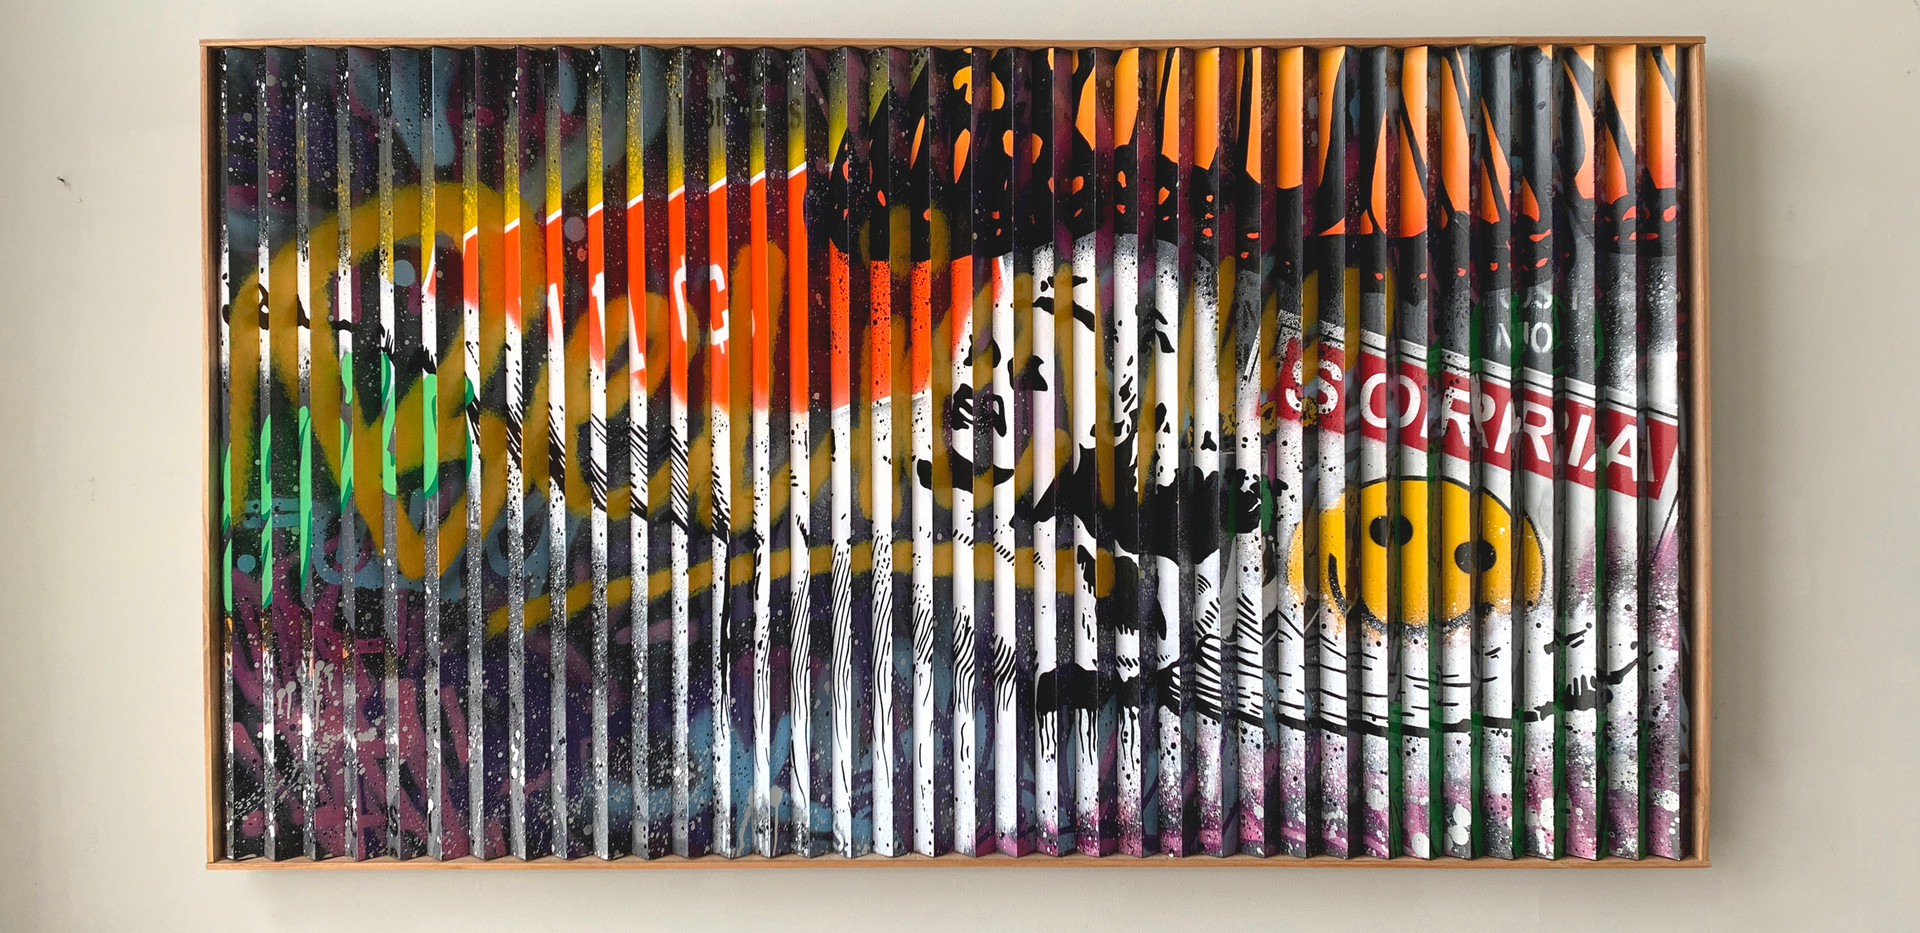 Acrylic paint 1,00 x 1,90 m 2020